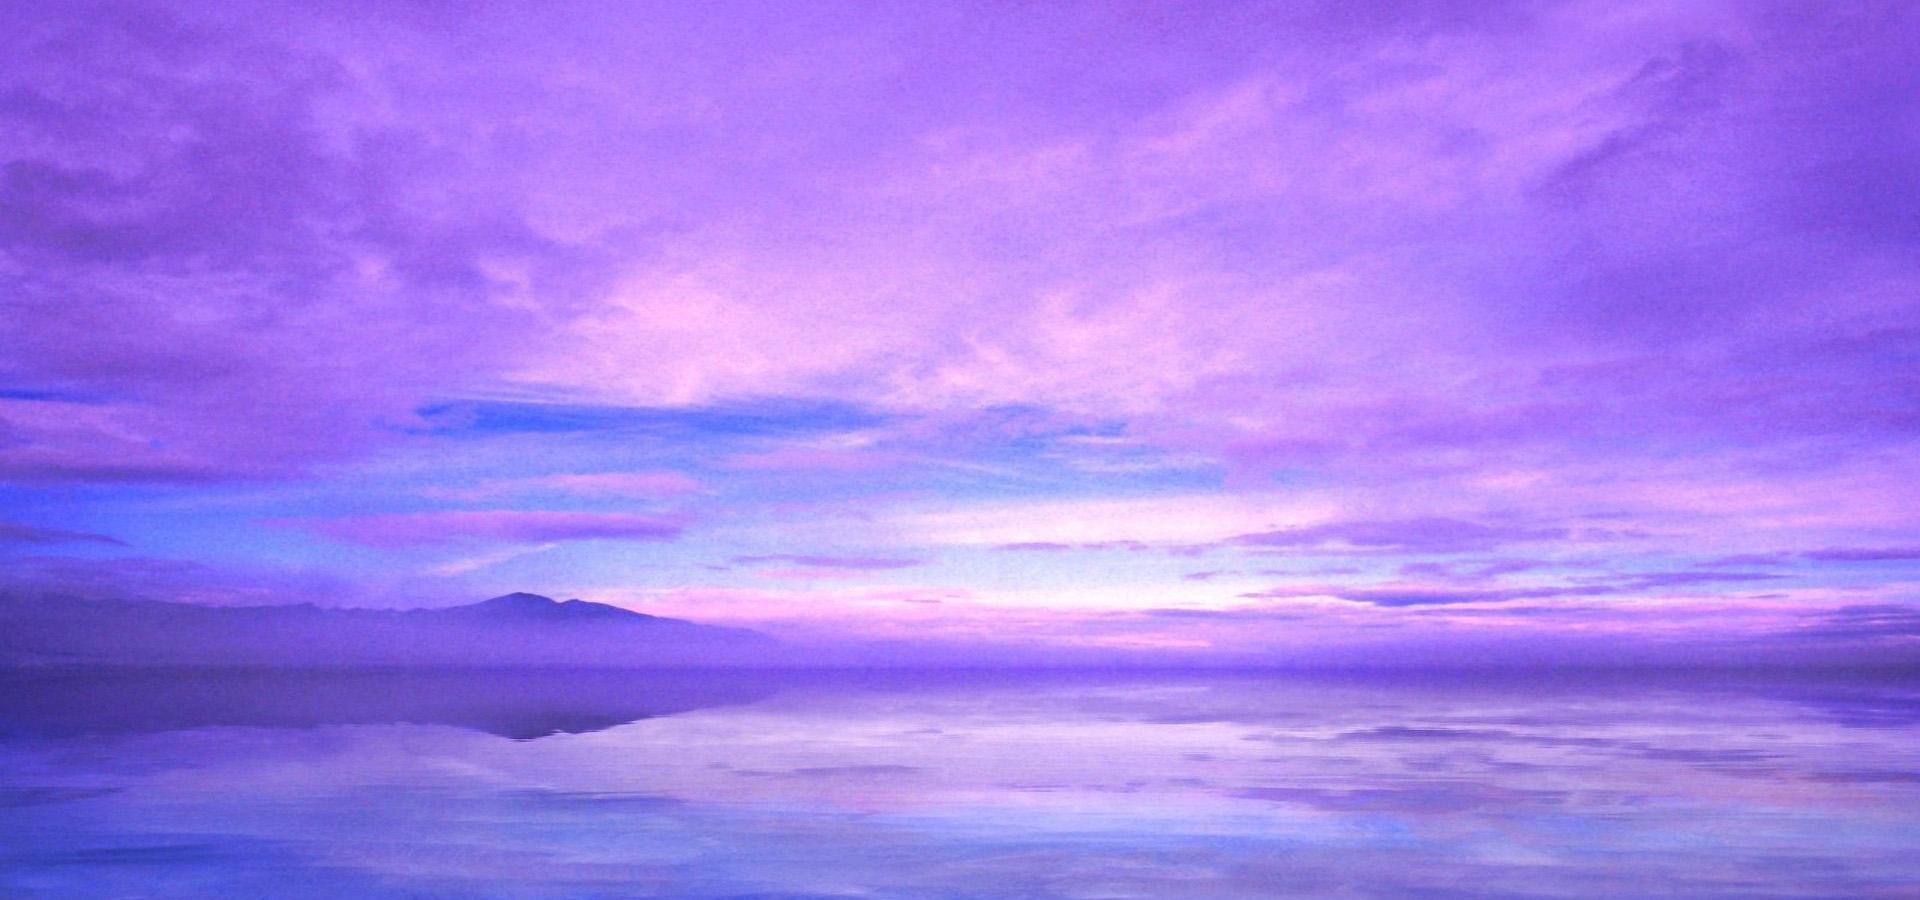 古代华夏先民信仰的是哪位最高的天神